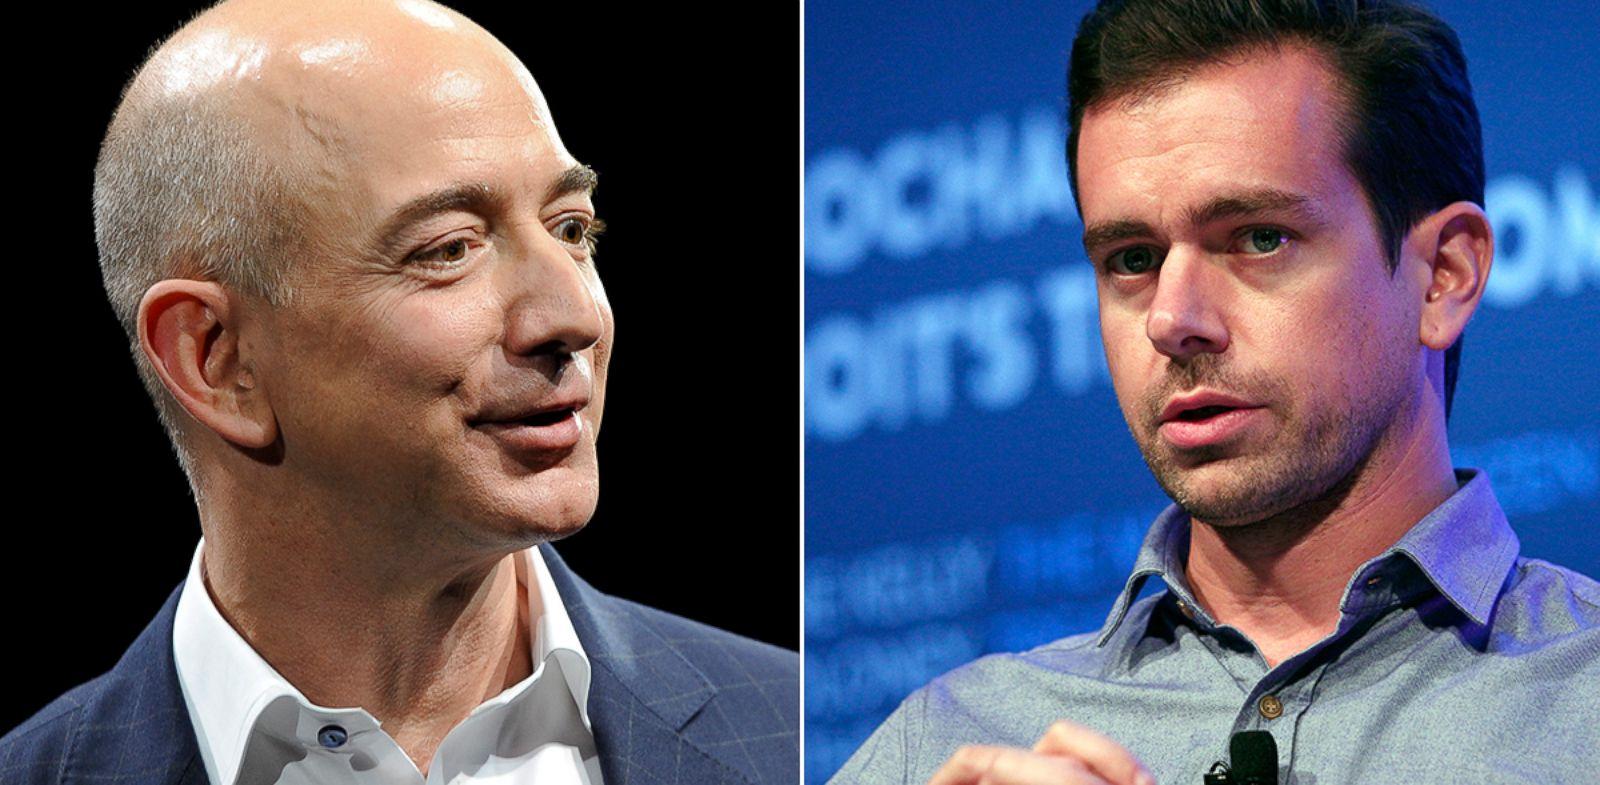 PHOTO: Jeff Bezos, left, and Jack Dorsey